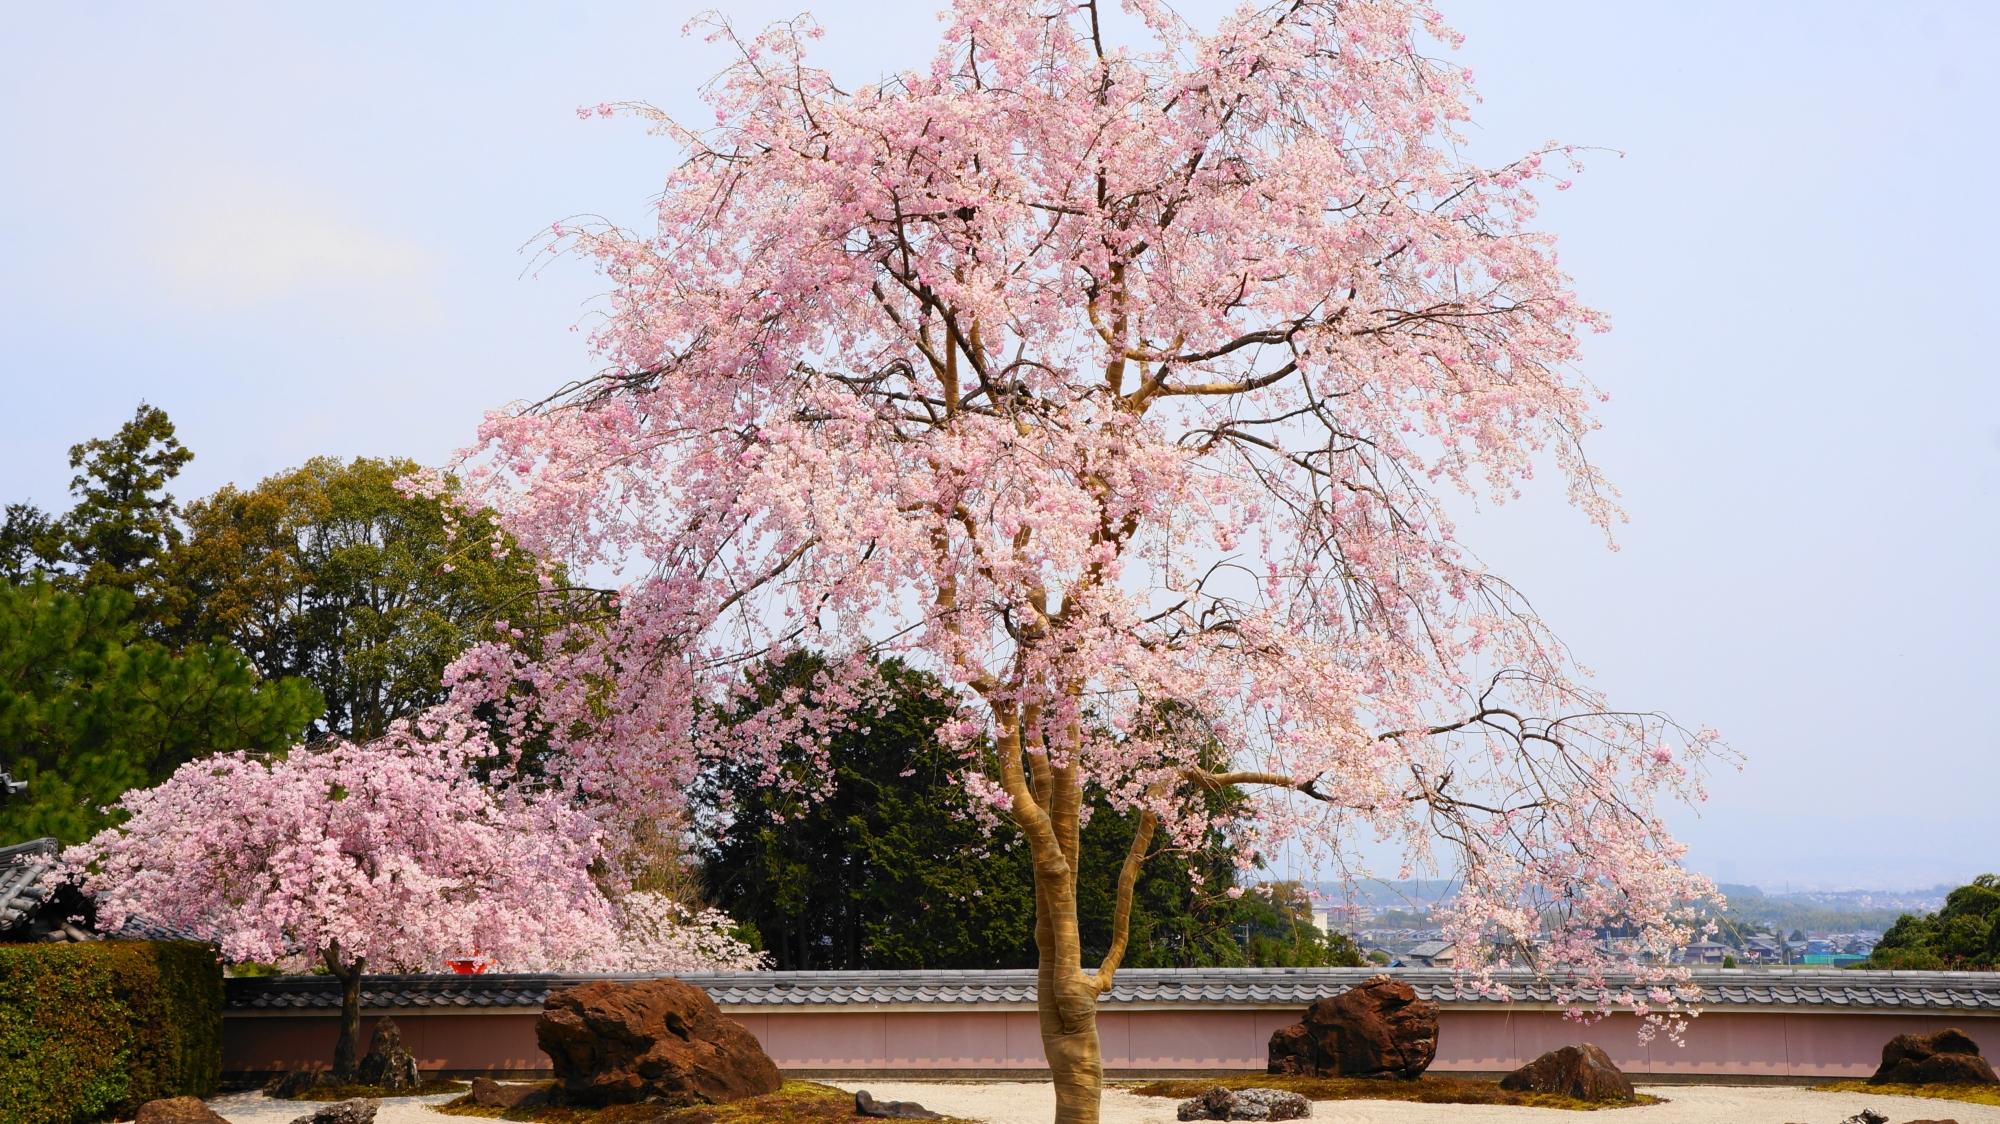 爽快で華やかなしだれ桜の春の風景